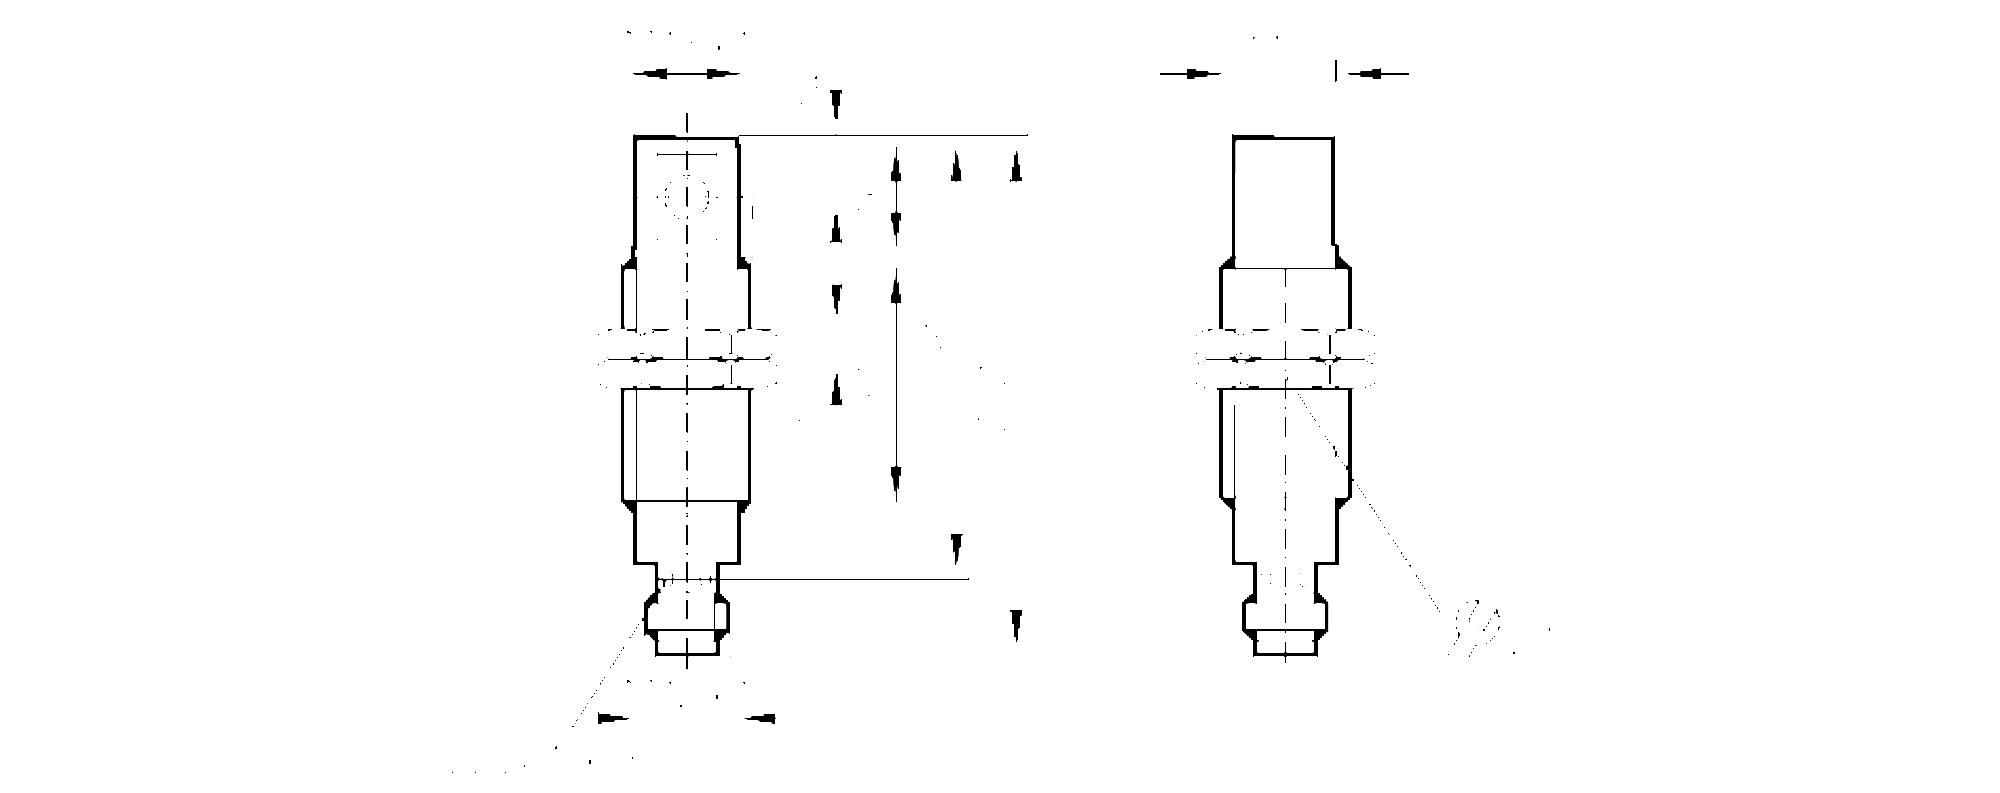 og5129 - through-beam sensor transmitter